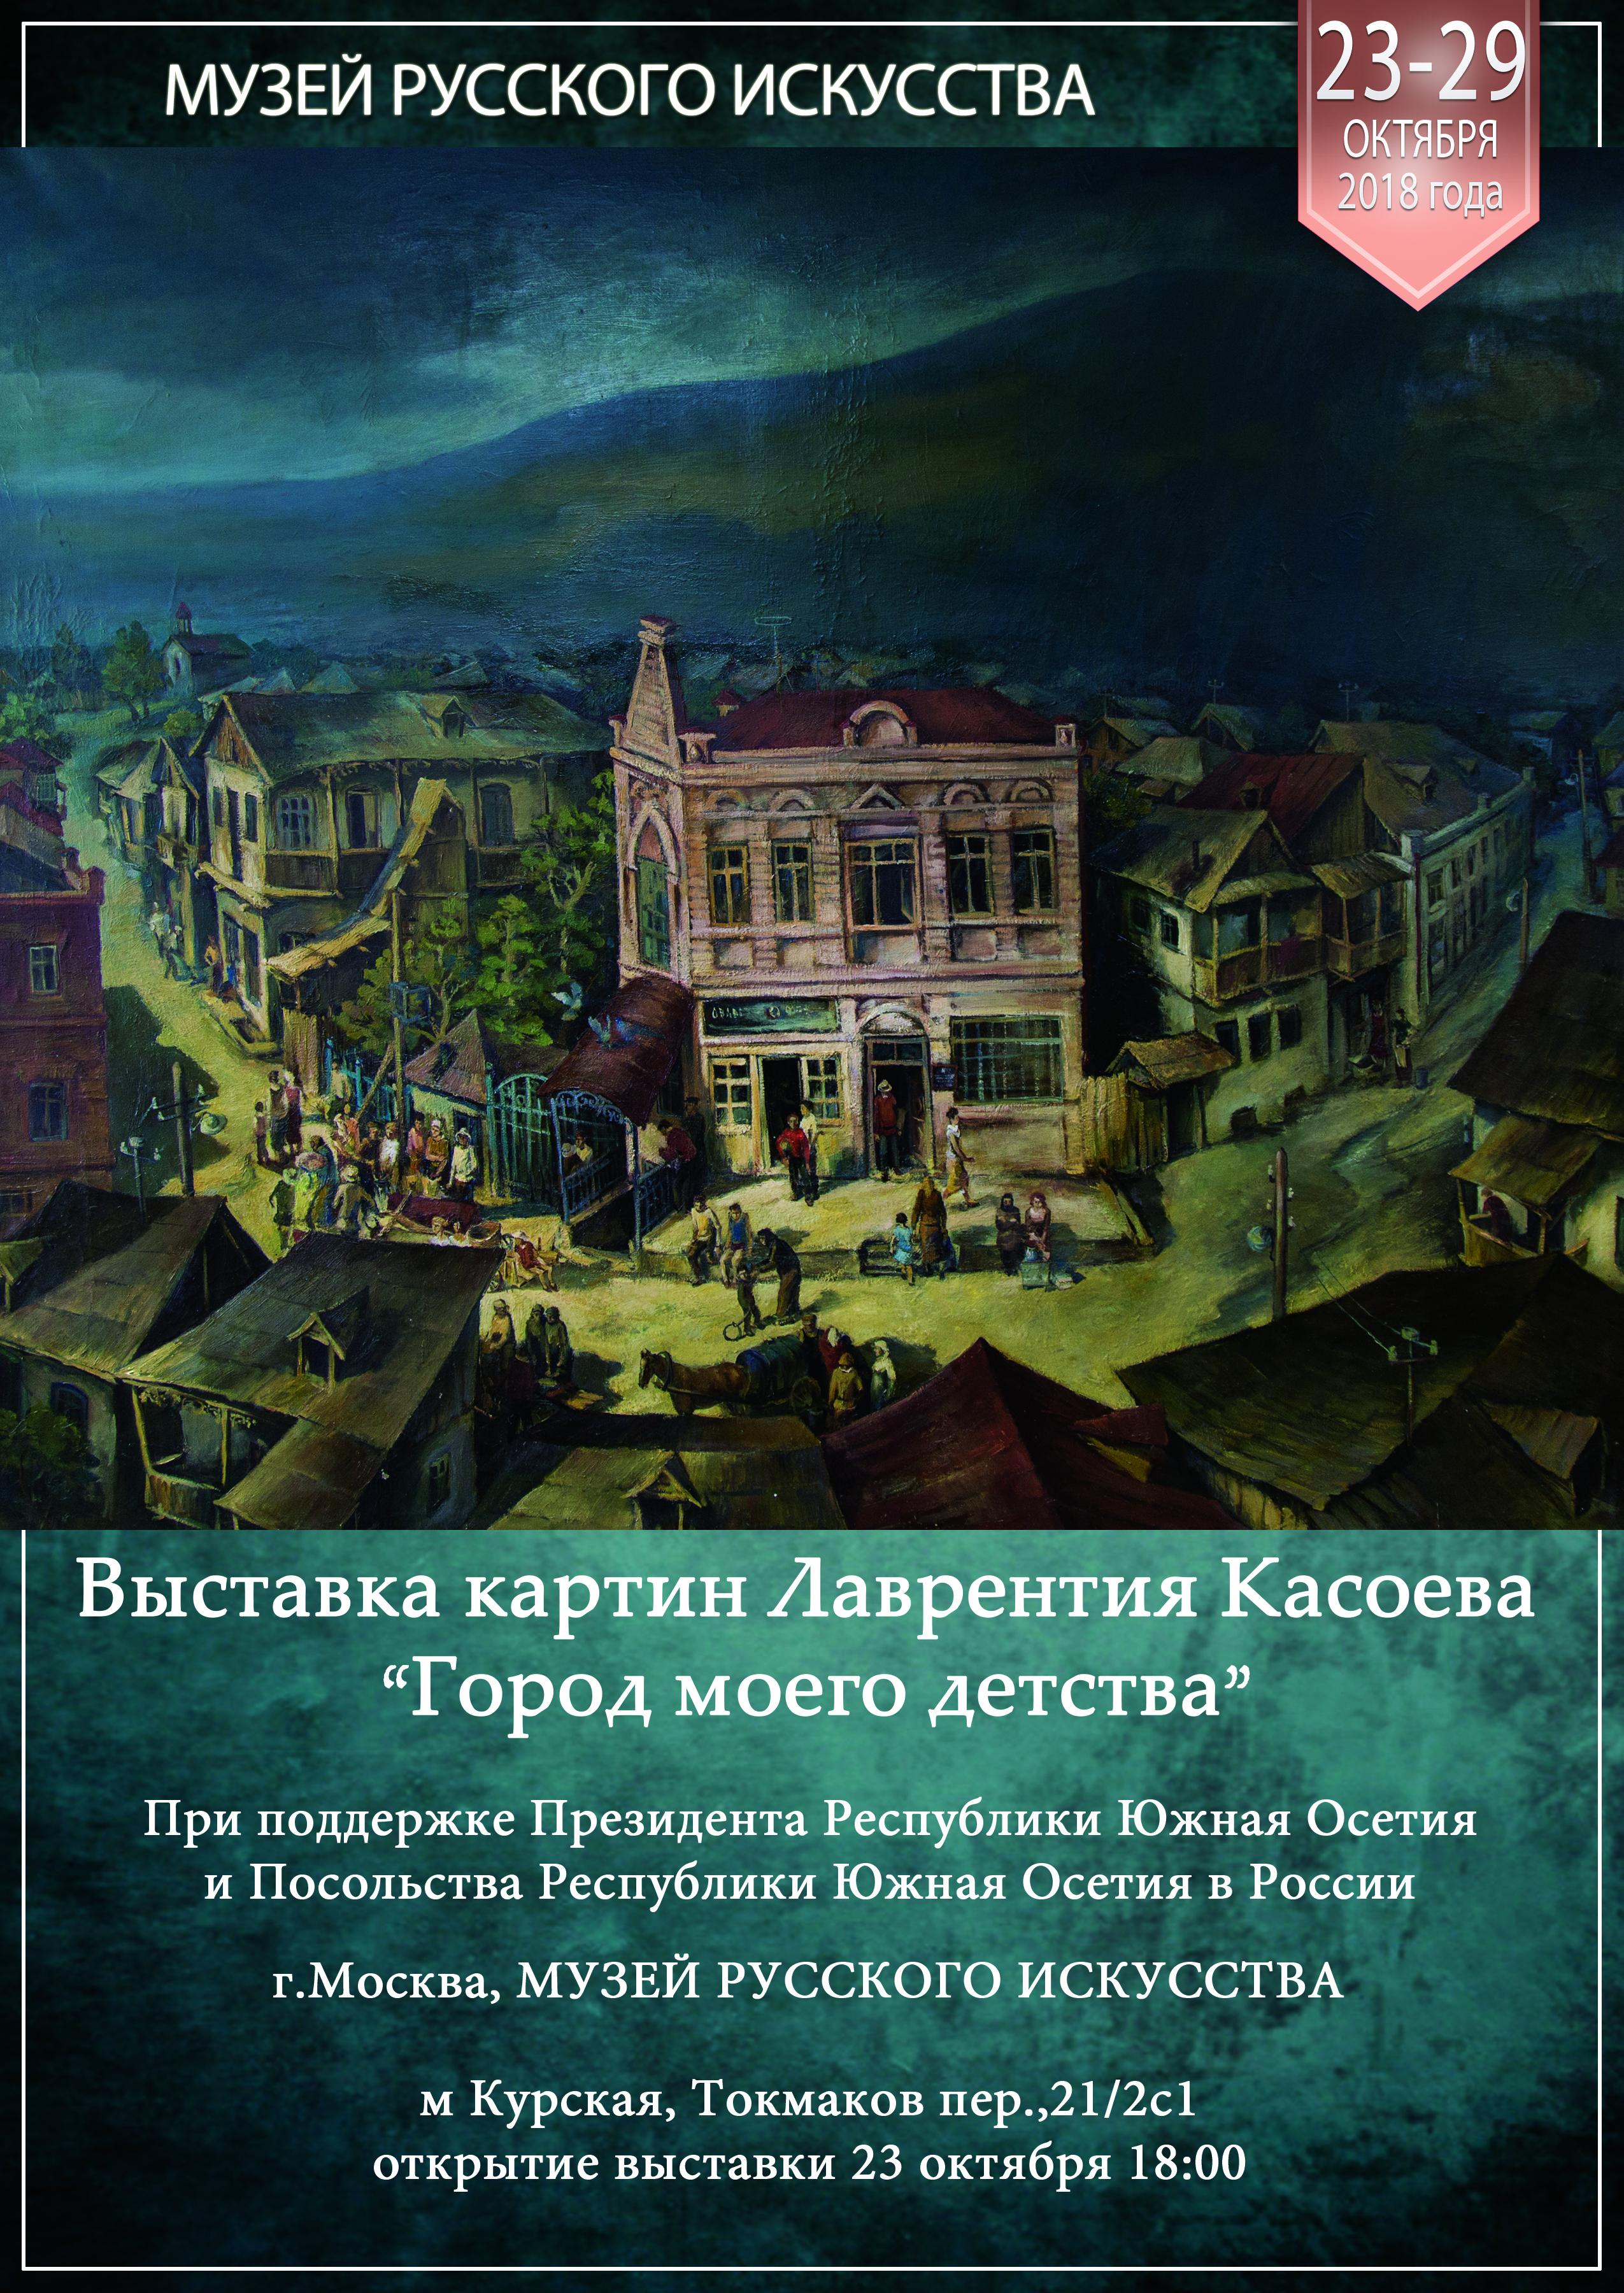 В Москве состоится выставка Лаврентия Касоева